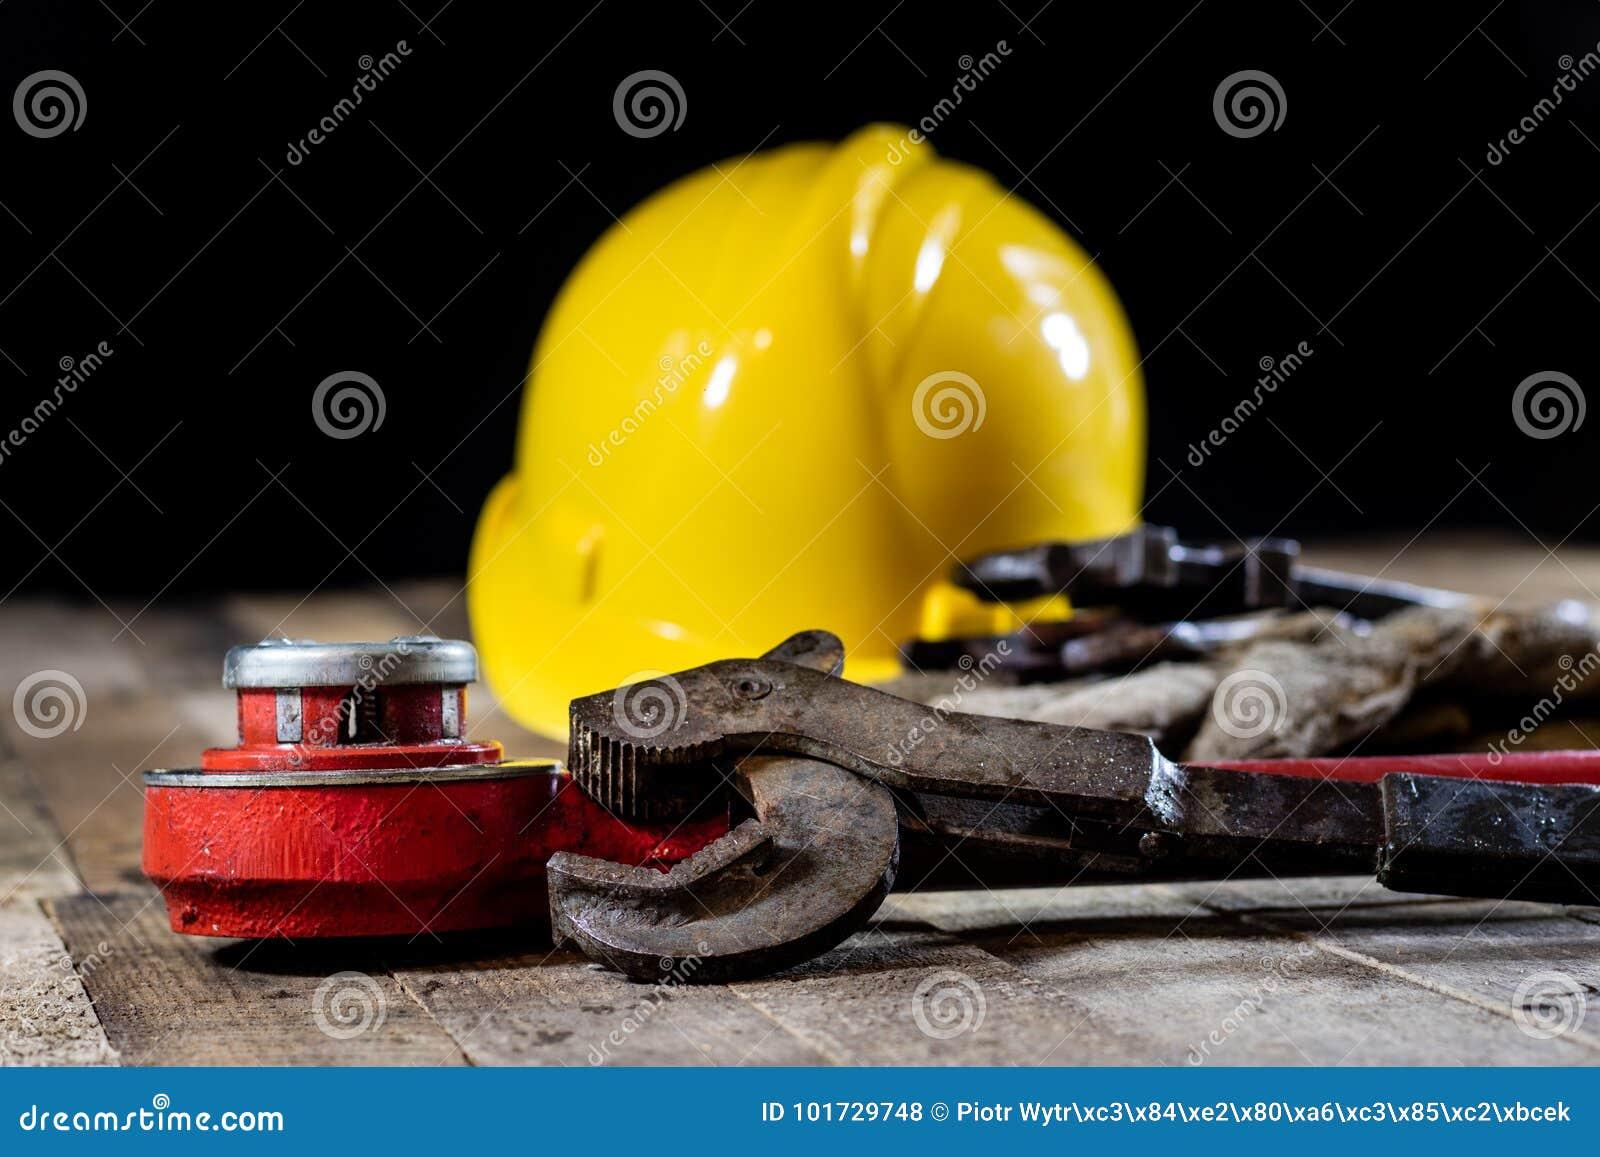 Гидротехник, инструменты для водопроводчика на деревянном столе Мастерская, ставит a на обсуждение